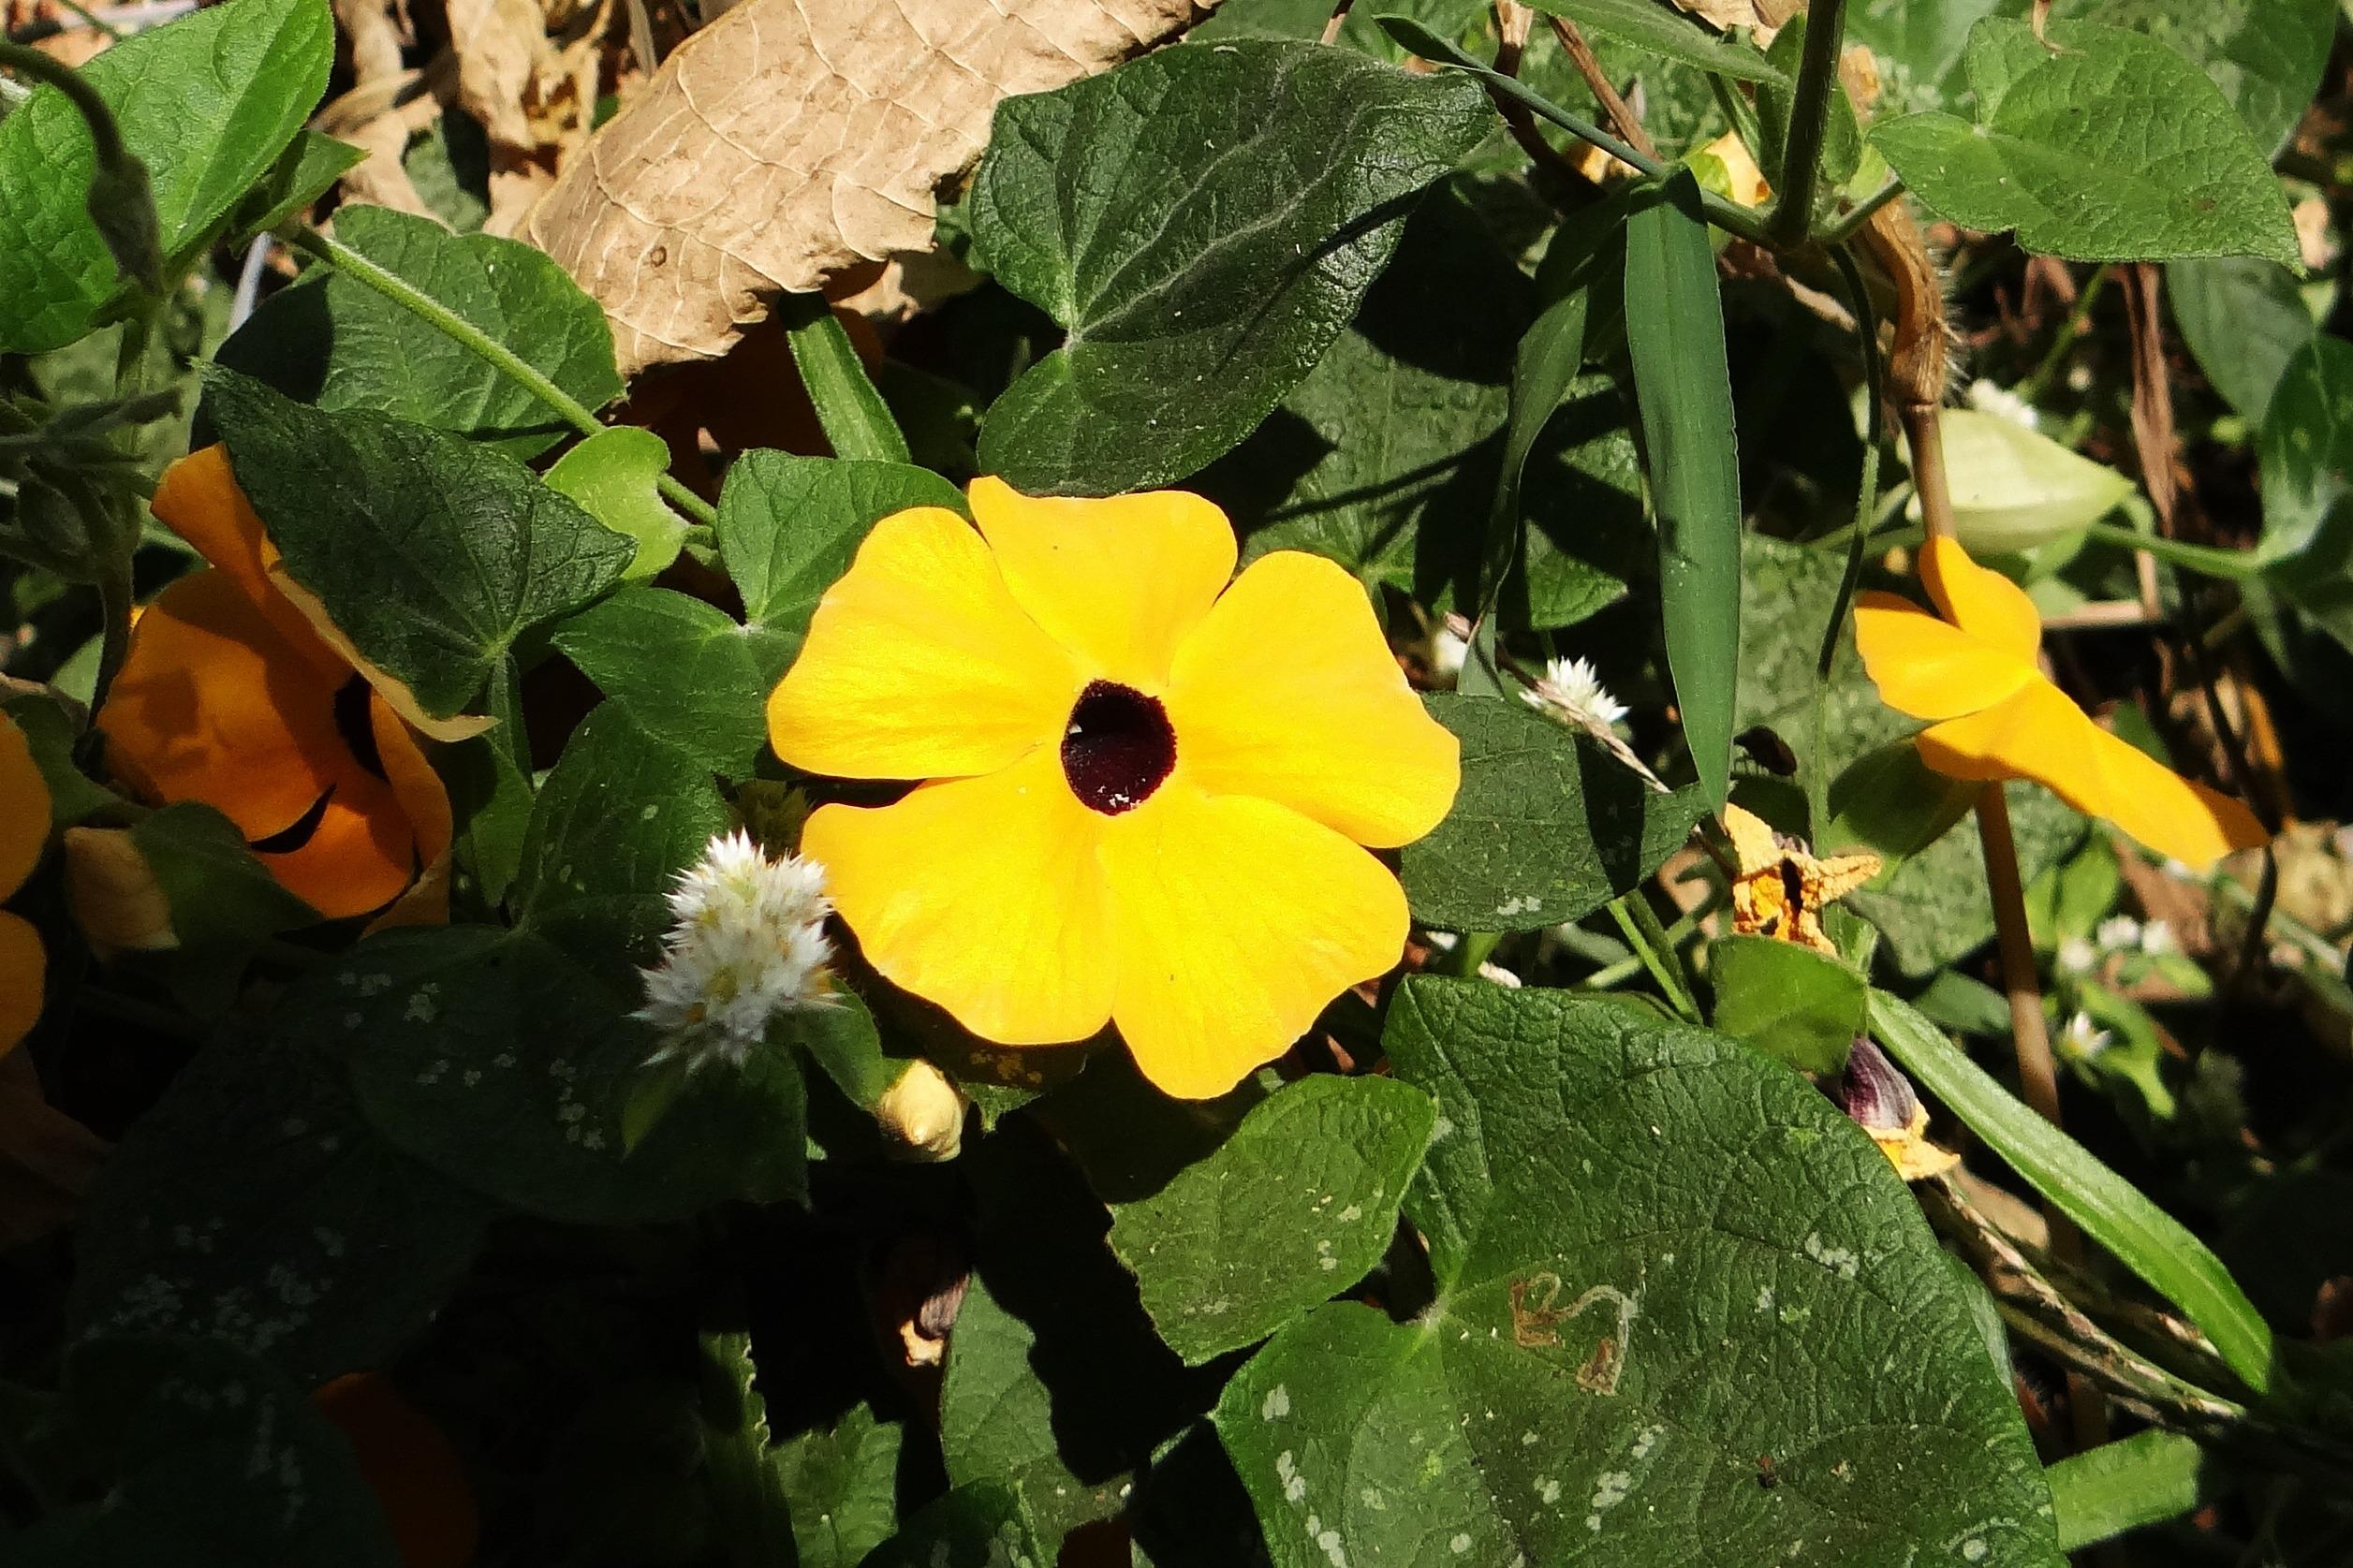 Free Images Produce Botany Yellow Dharwad Thunbergia Alata